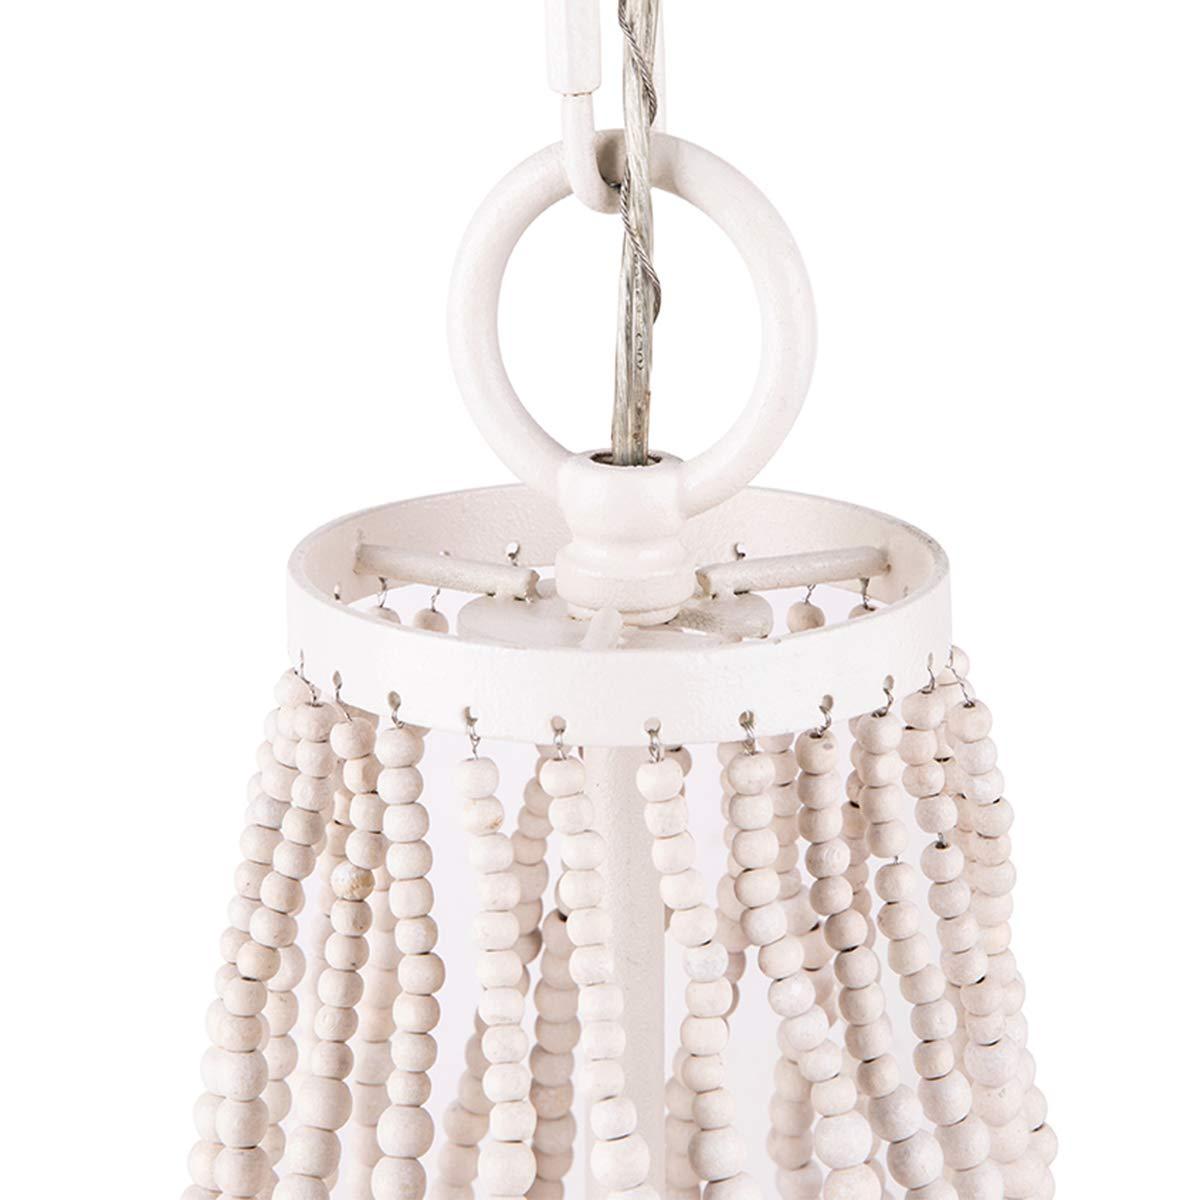 Beaded Chandelier, Morden Fort White Beaded Chandelier 5 Lights for Living Room Bed Room Dining Room